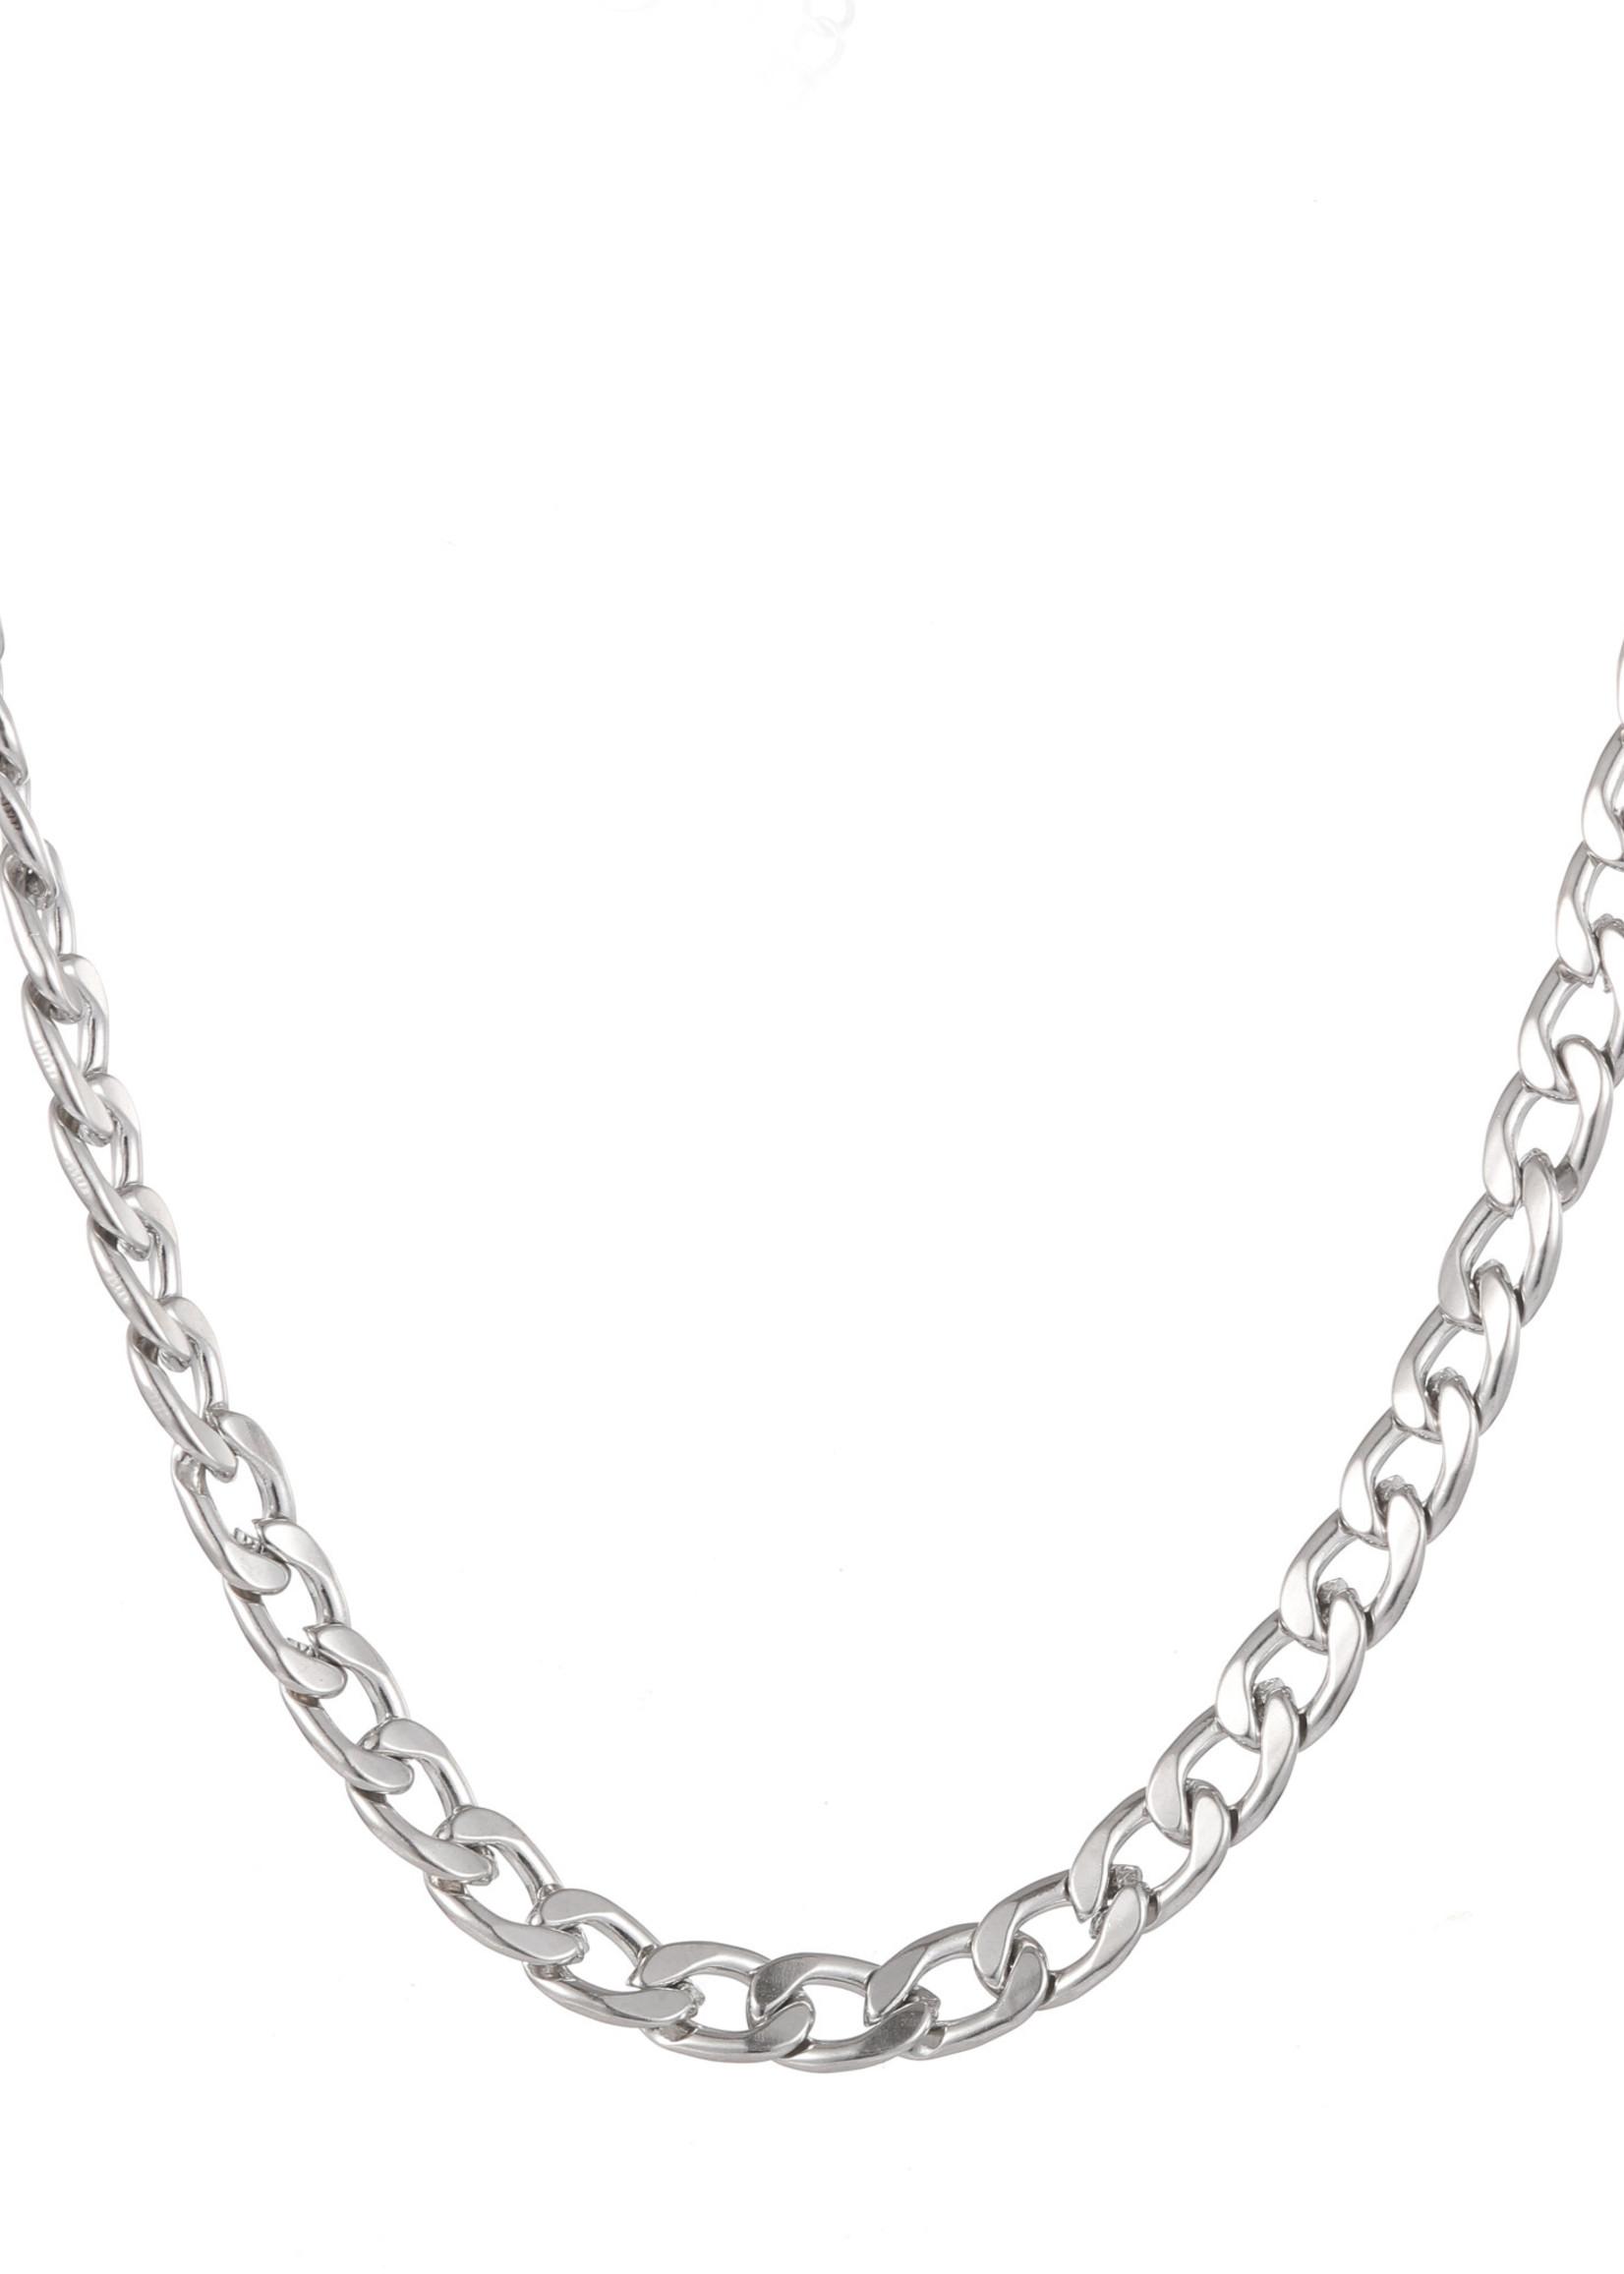 Ketting zilver schakel N1858-1